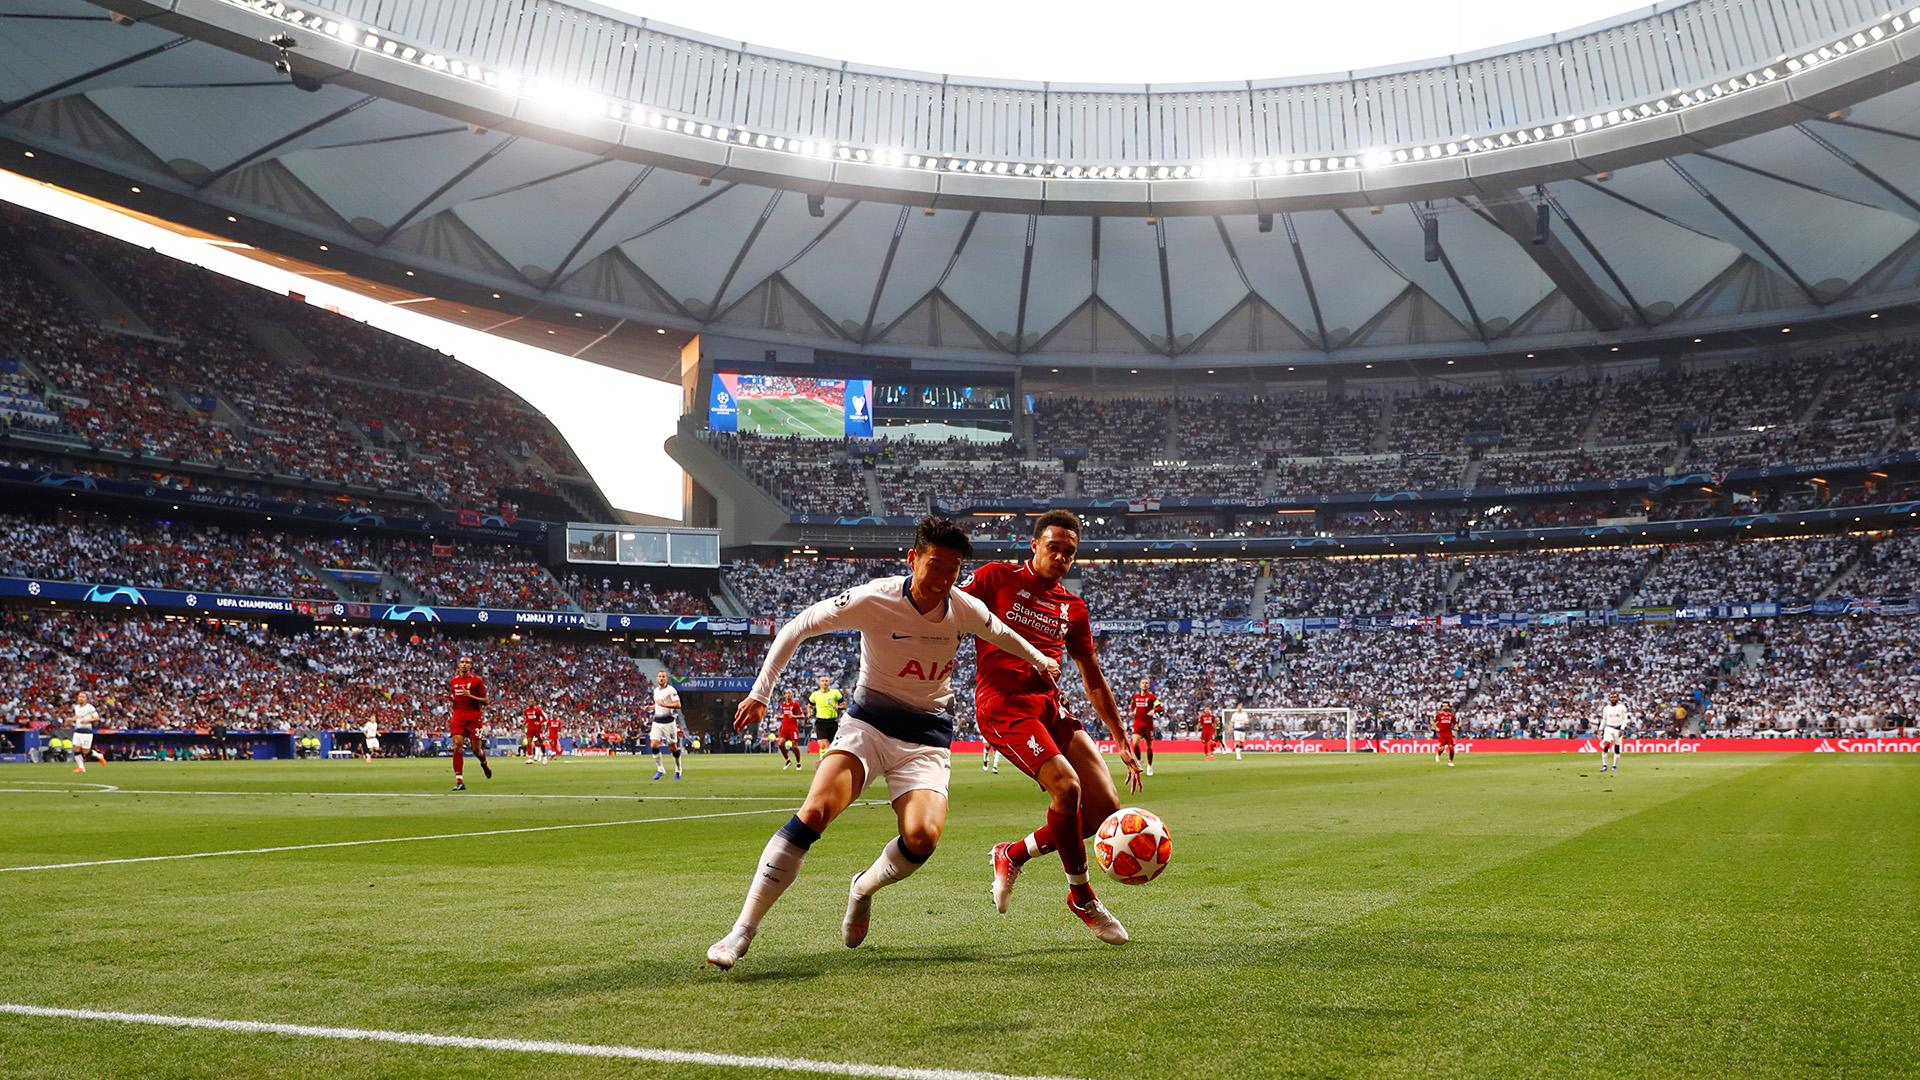 El estadio Wanda Metropolitano albergó la final de la Champions League entre Liverpool y Tottenham (REUTERS)